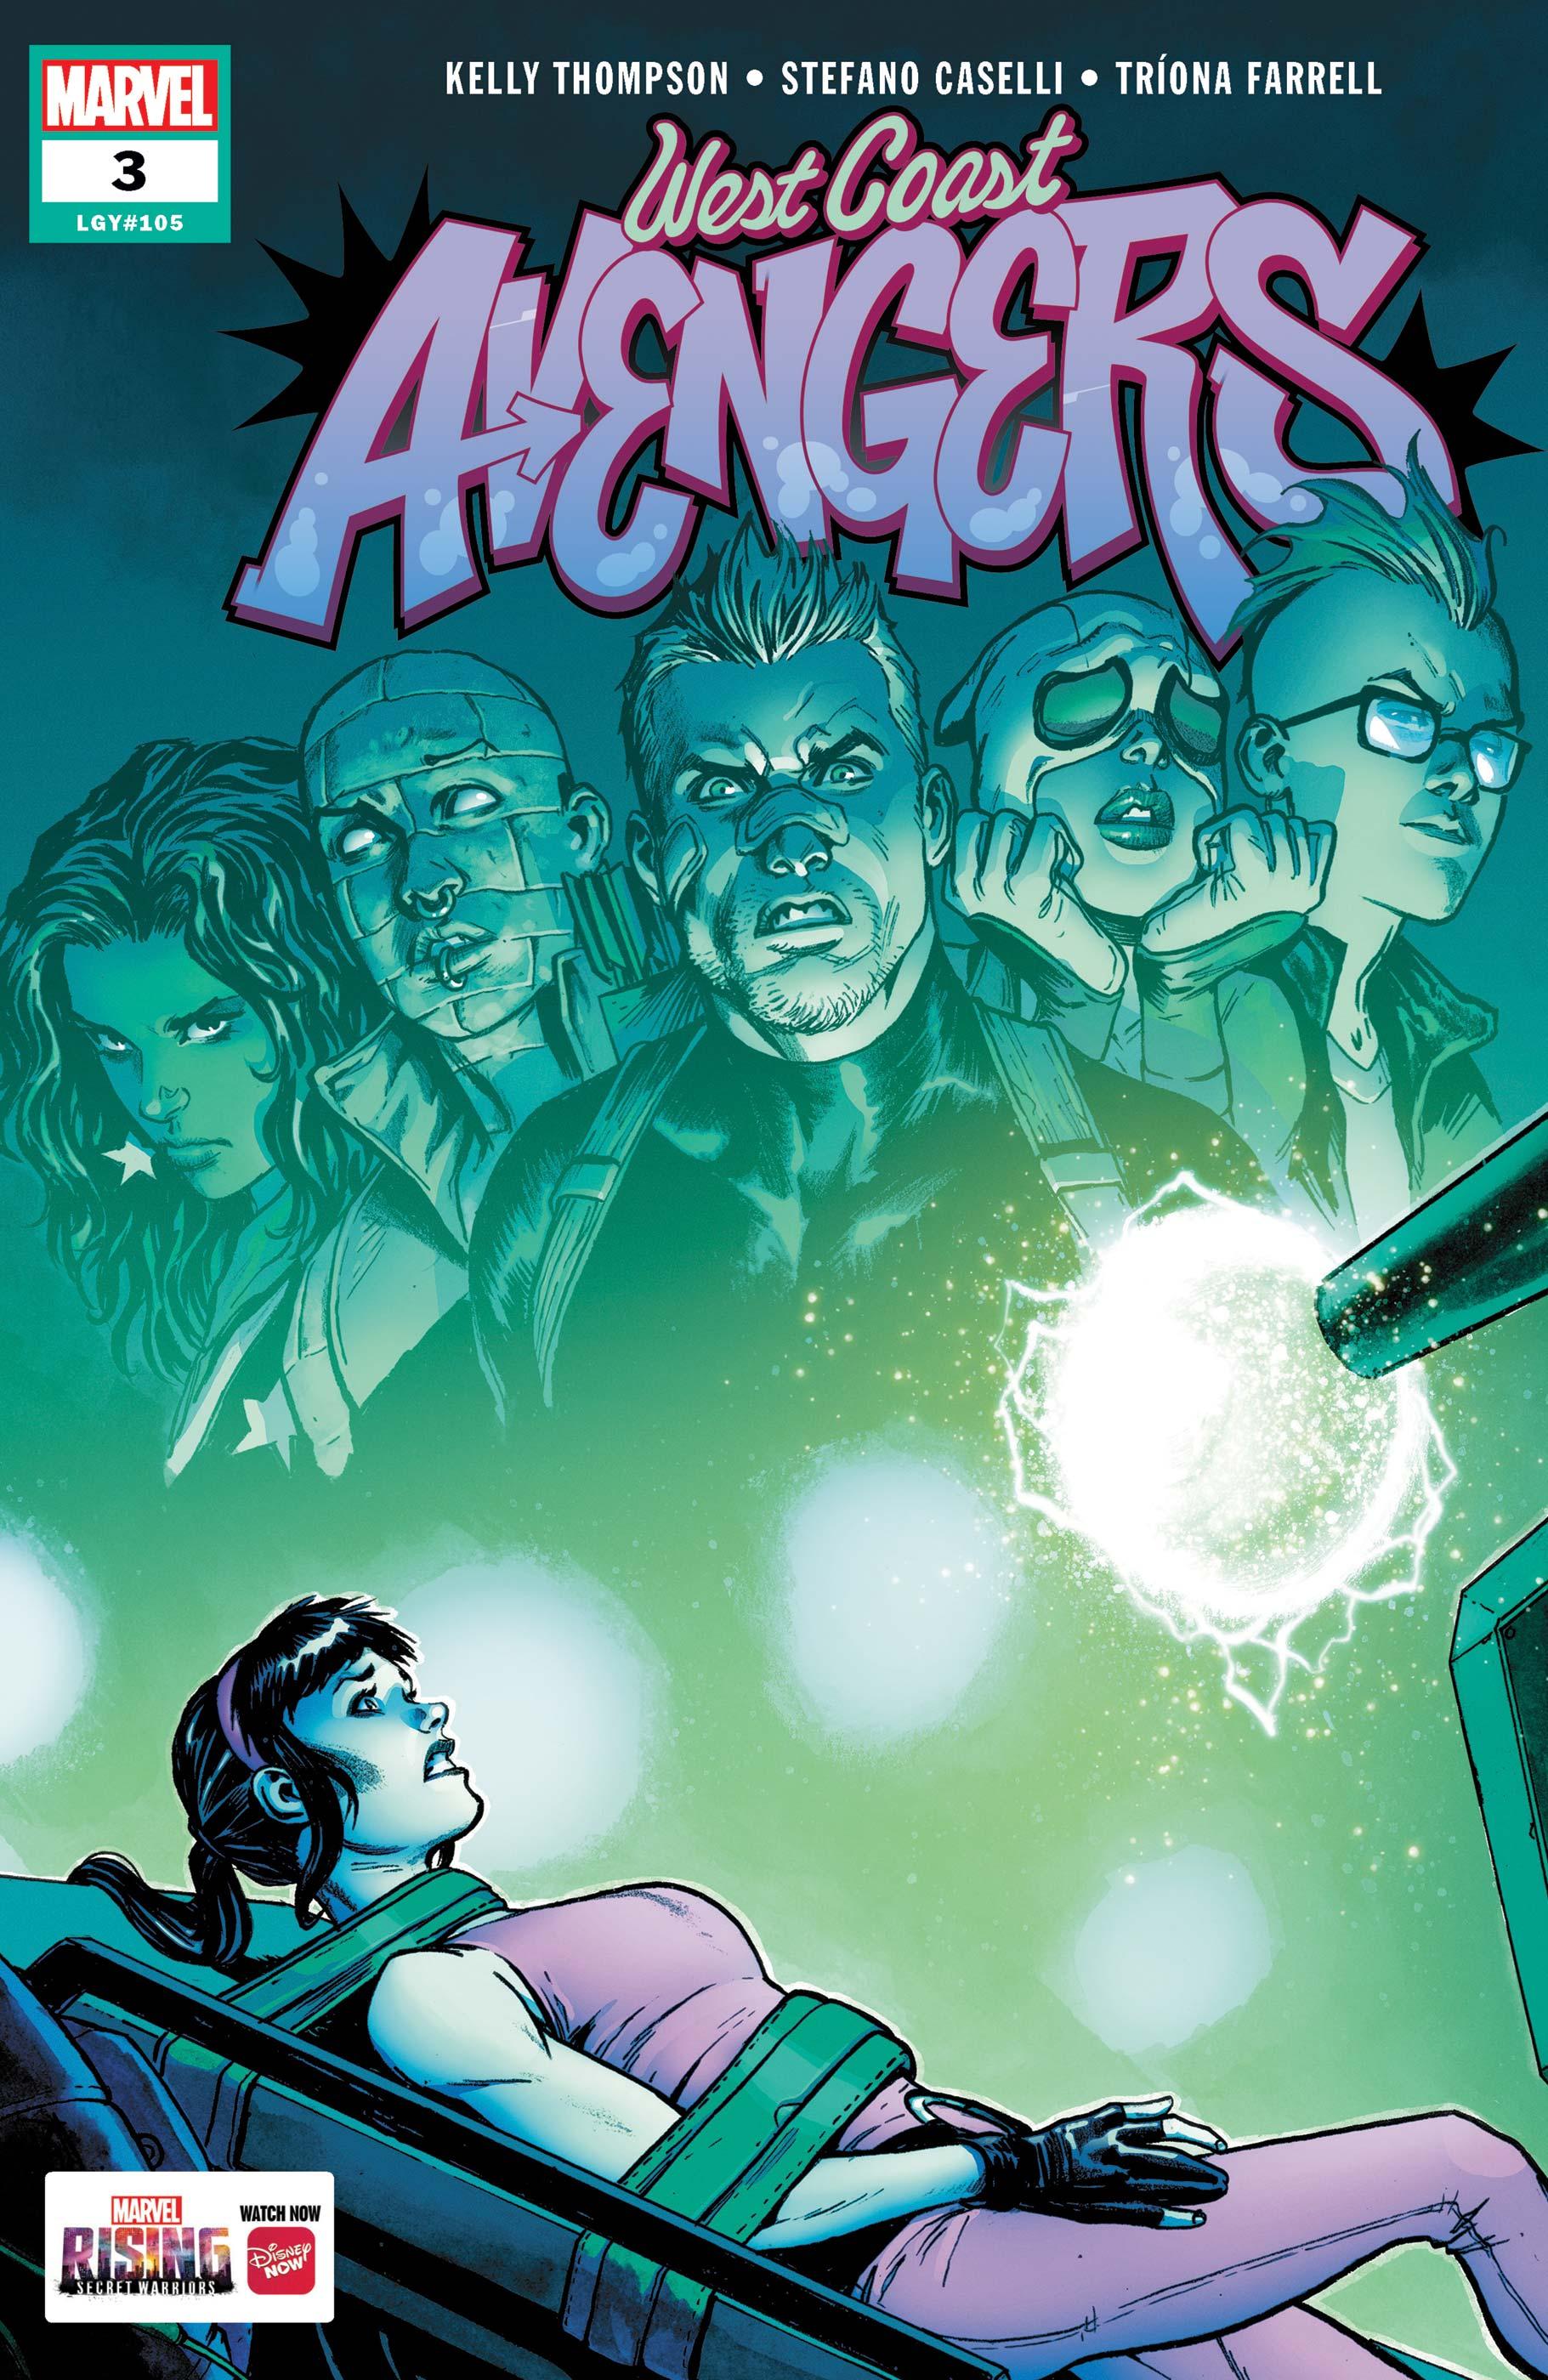 West Coast Avengers (2018) #3